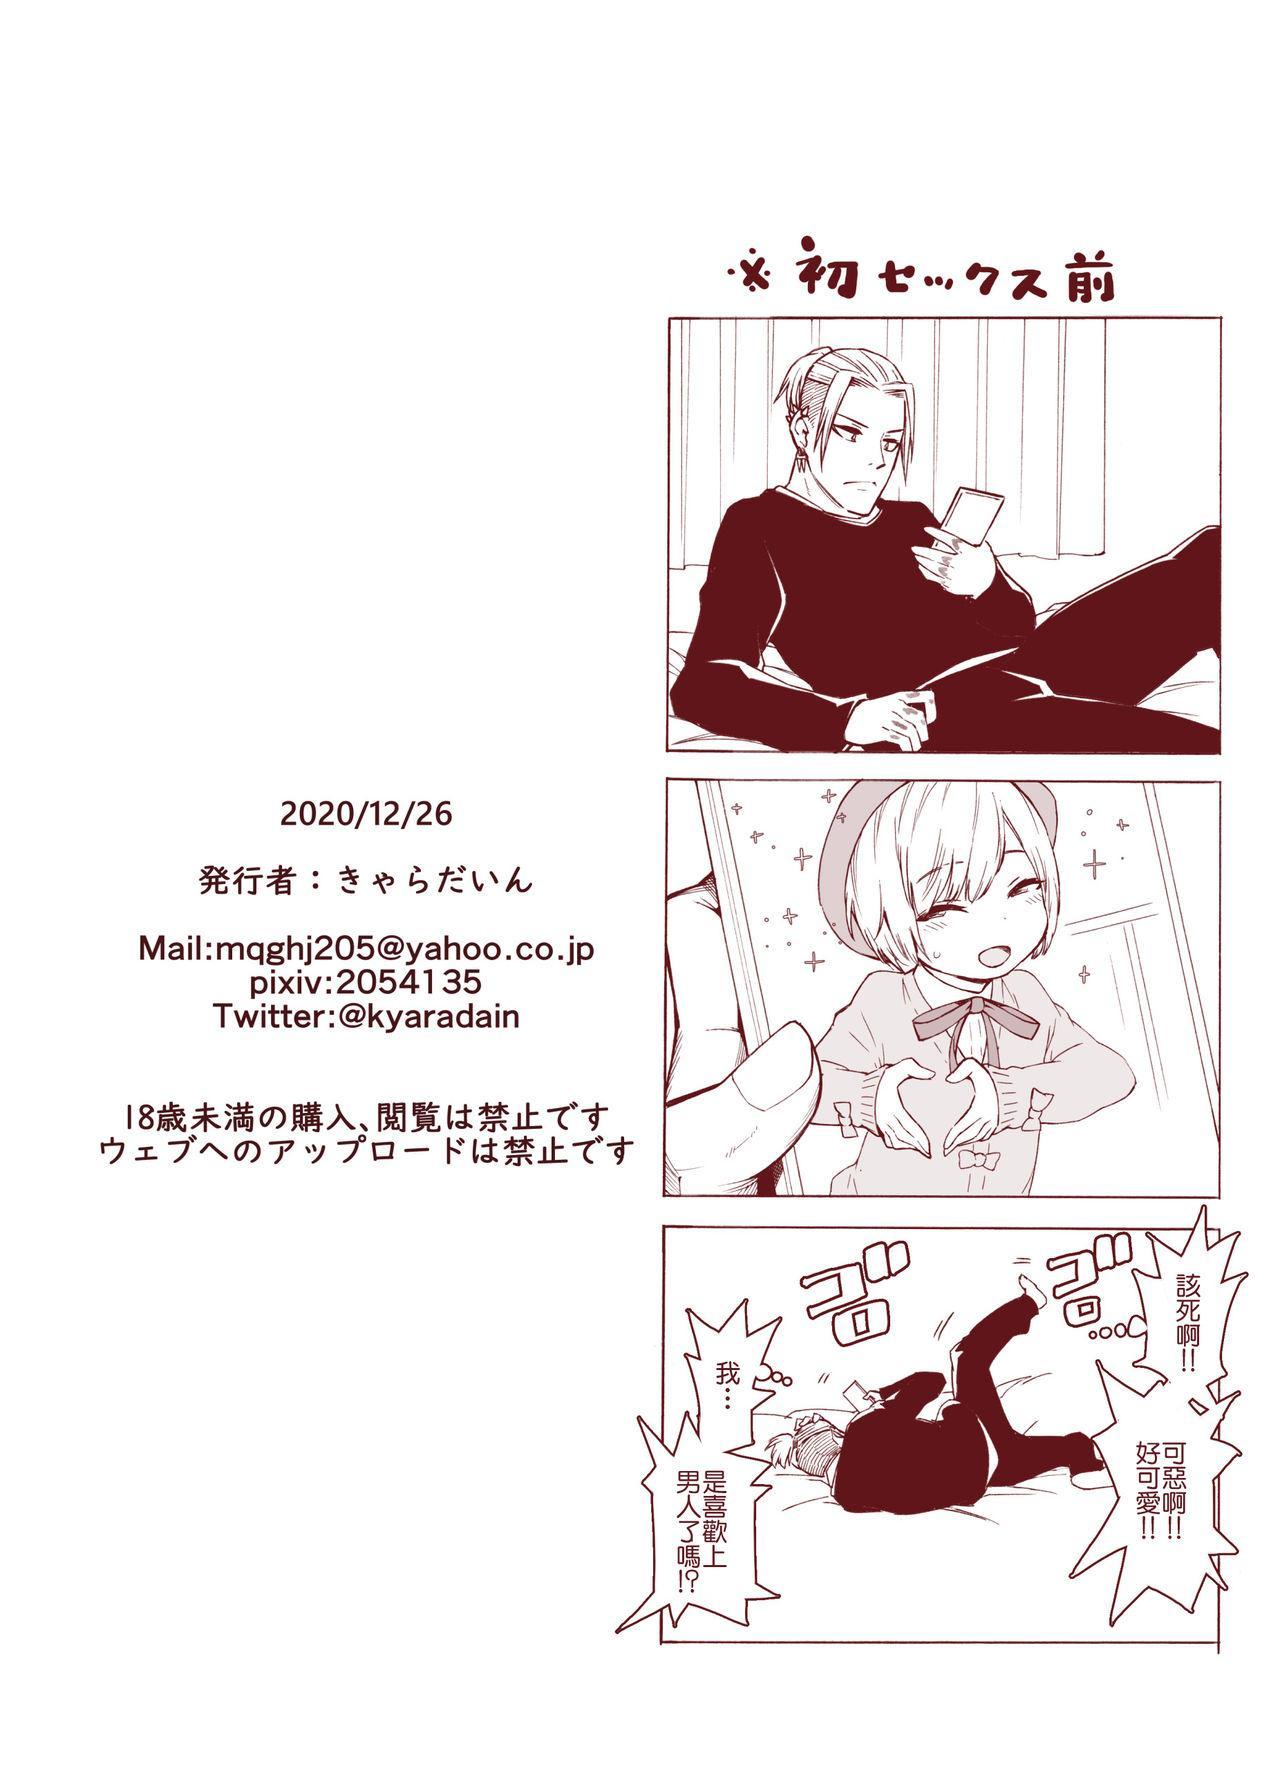 Boku o Motto Kawaiku shite 48